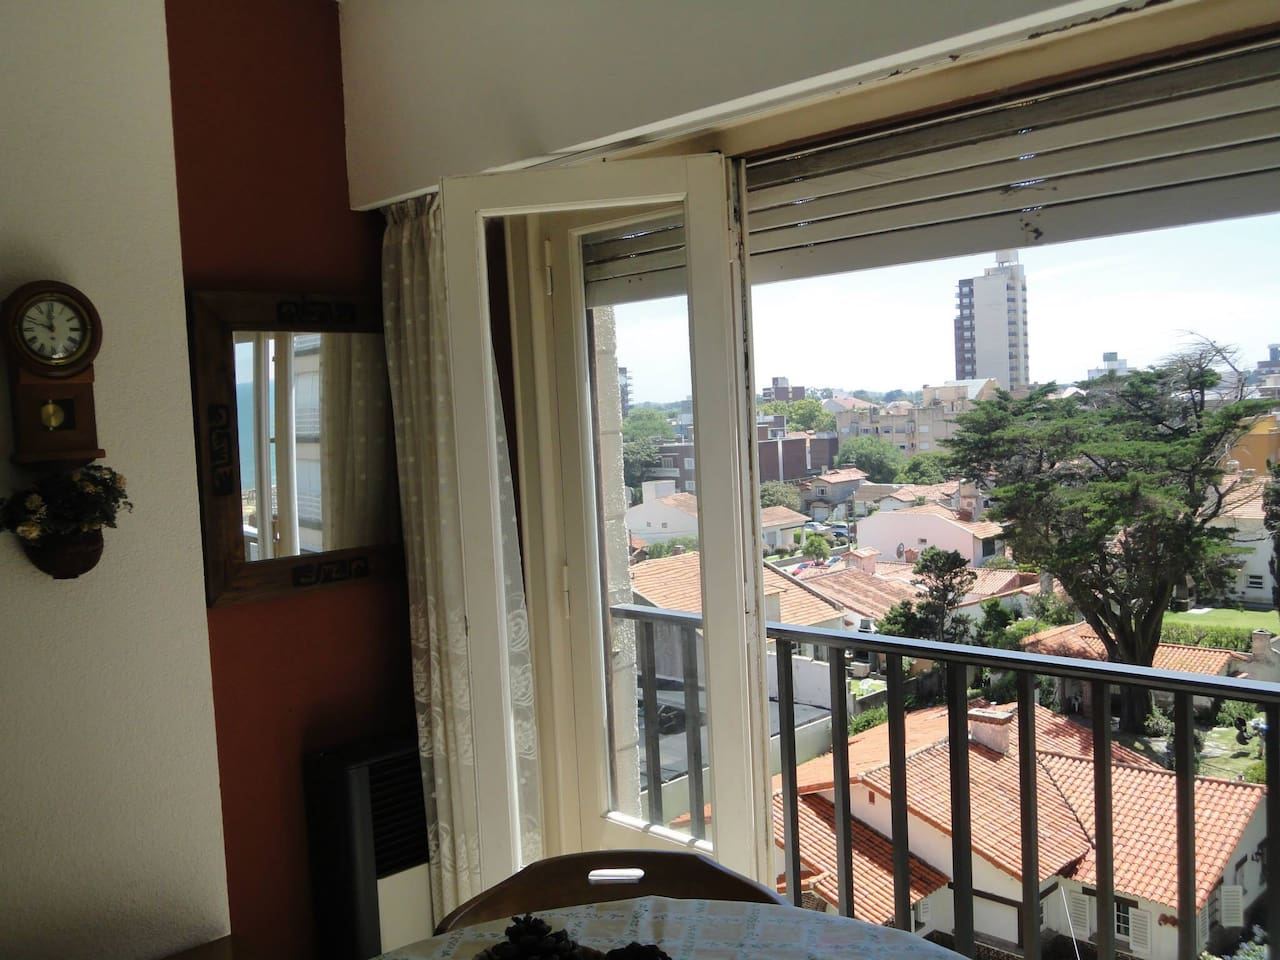 Amplio ventanal a la calle con balcón francés. Vista a la ciudad y al mar.